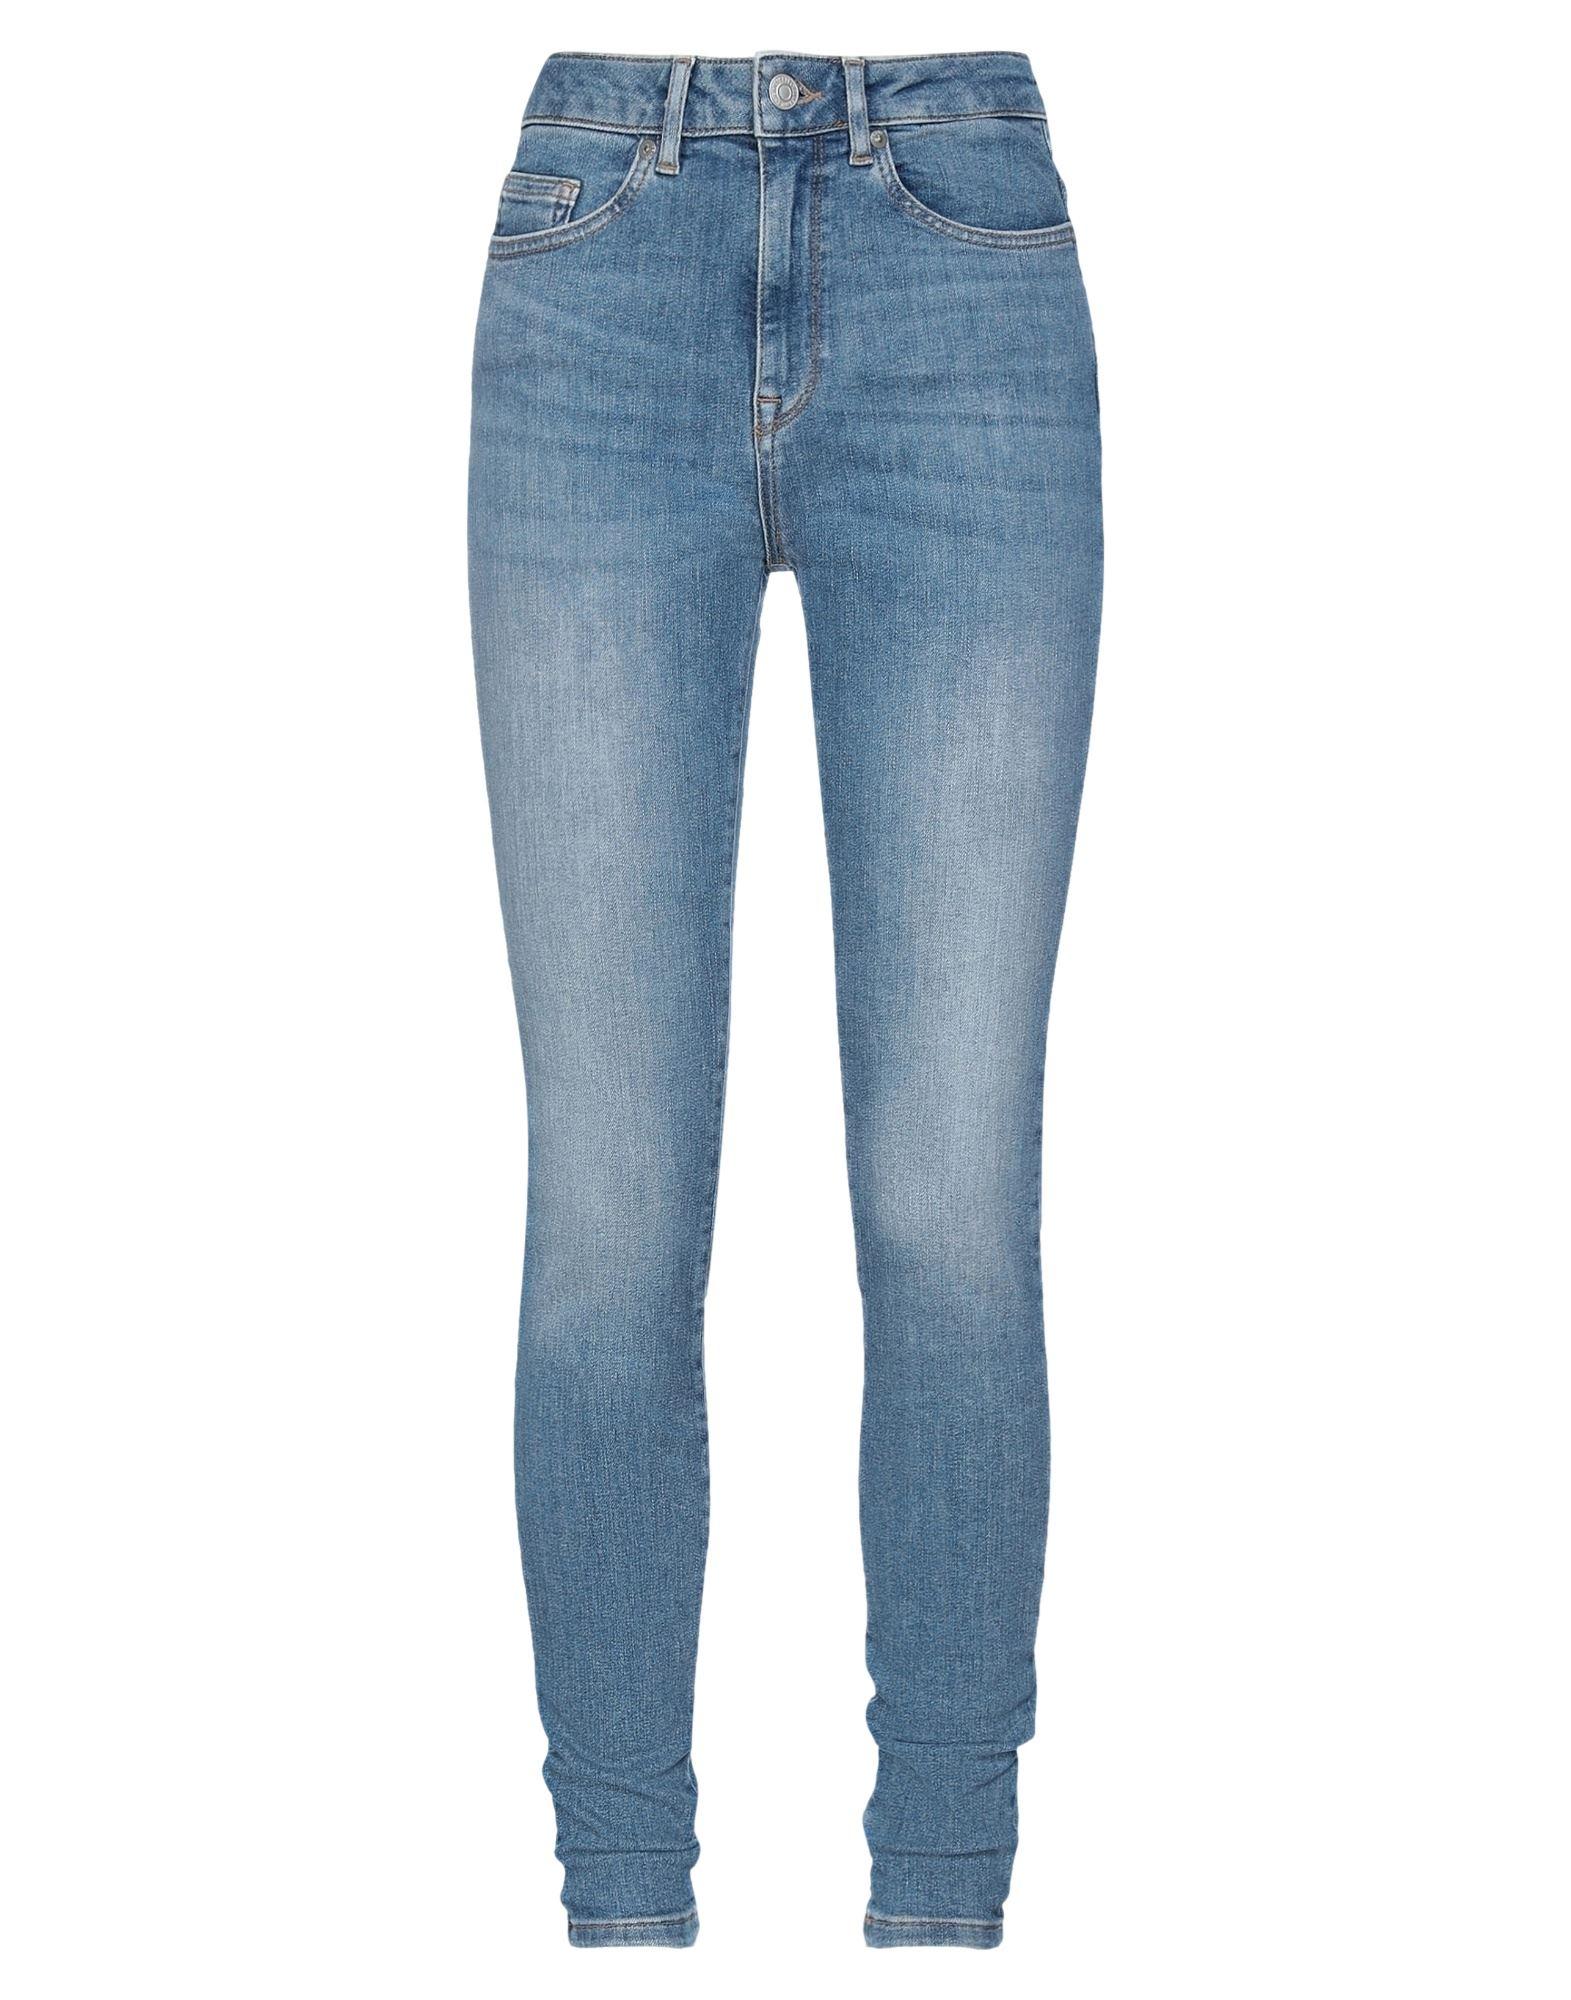 SELECTED FEMME Джинсовые брюки selected femme платье длиной 3 4